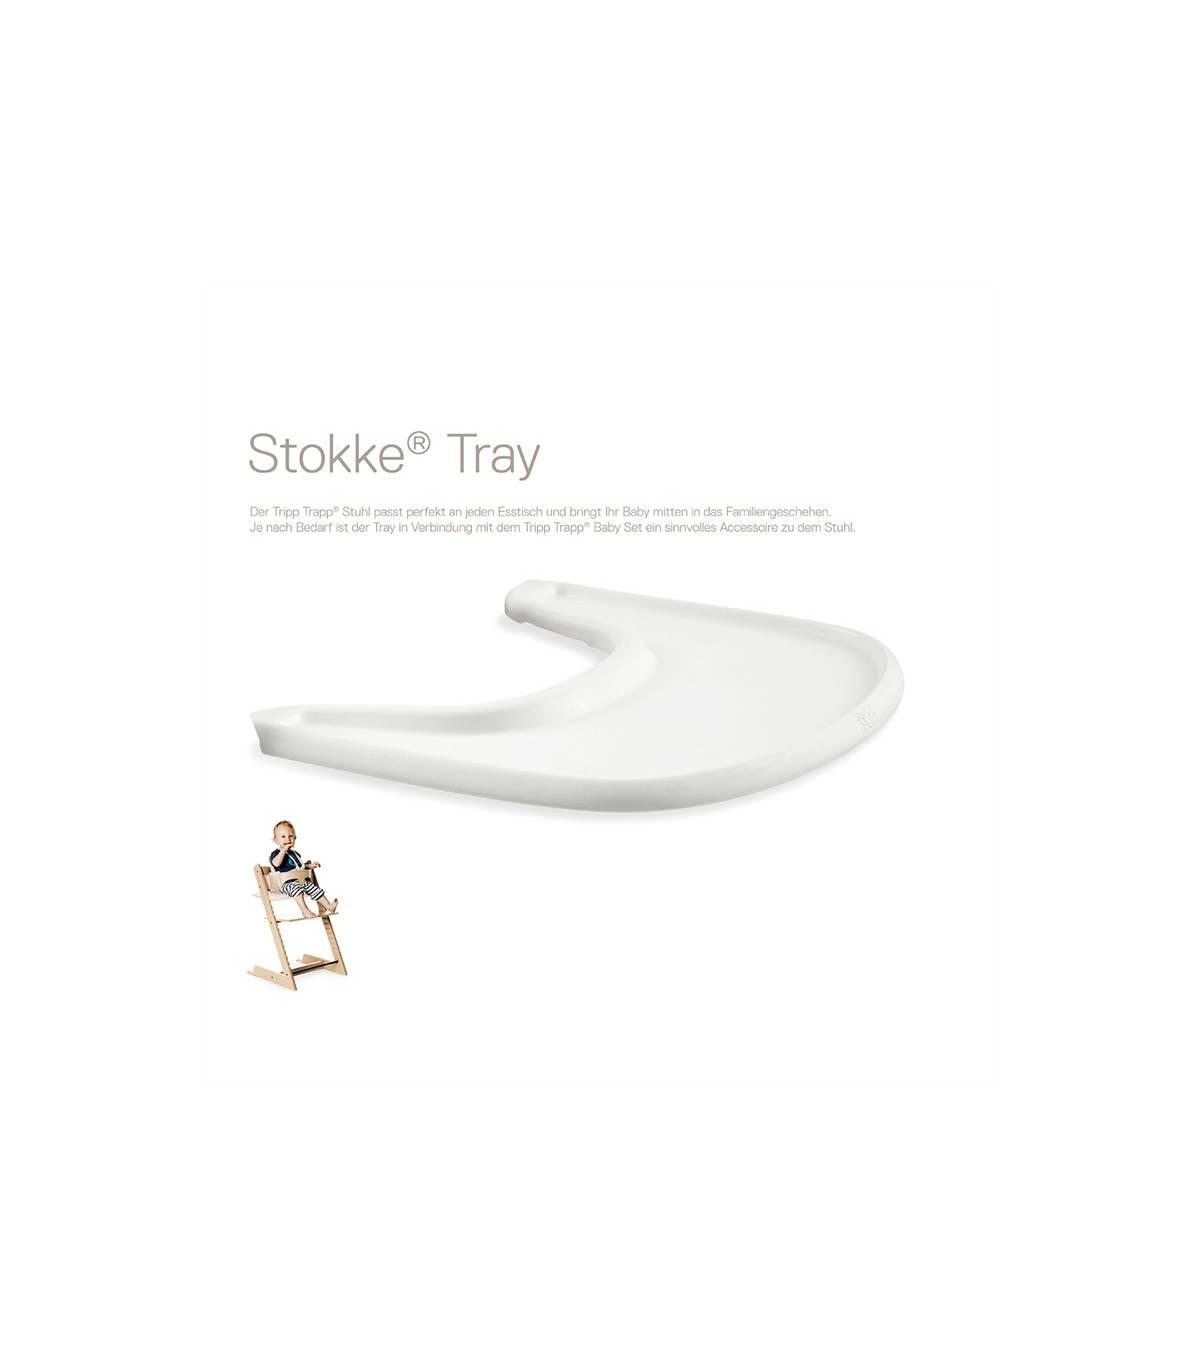 Stokke Tray Weiss (Tisch für Tripp Trapp)